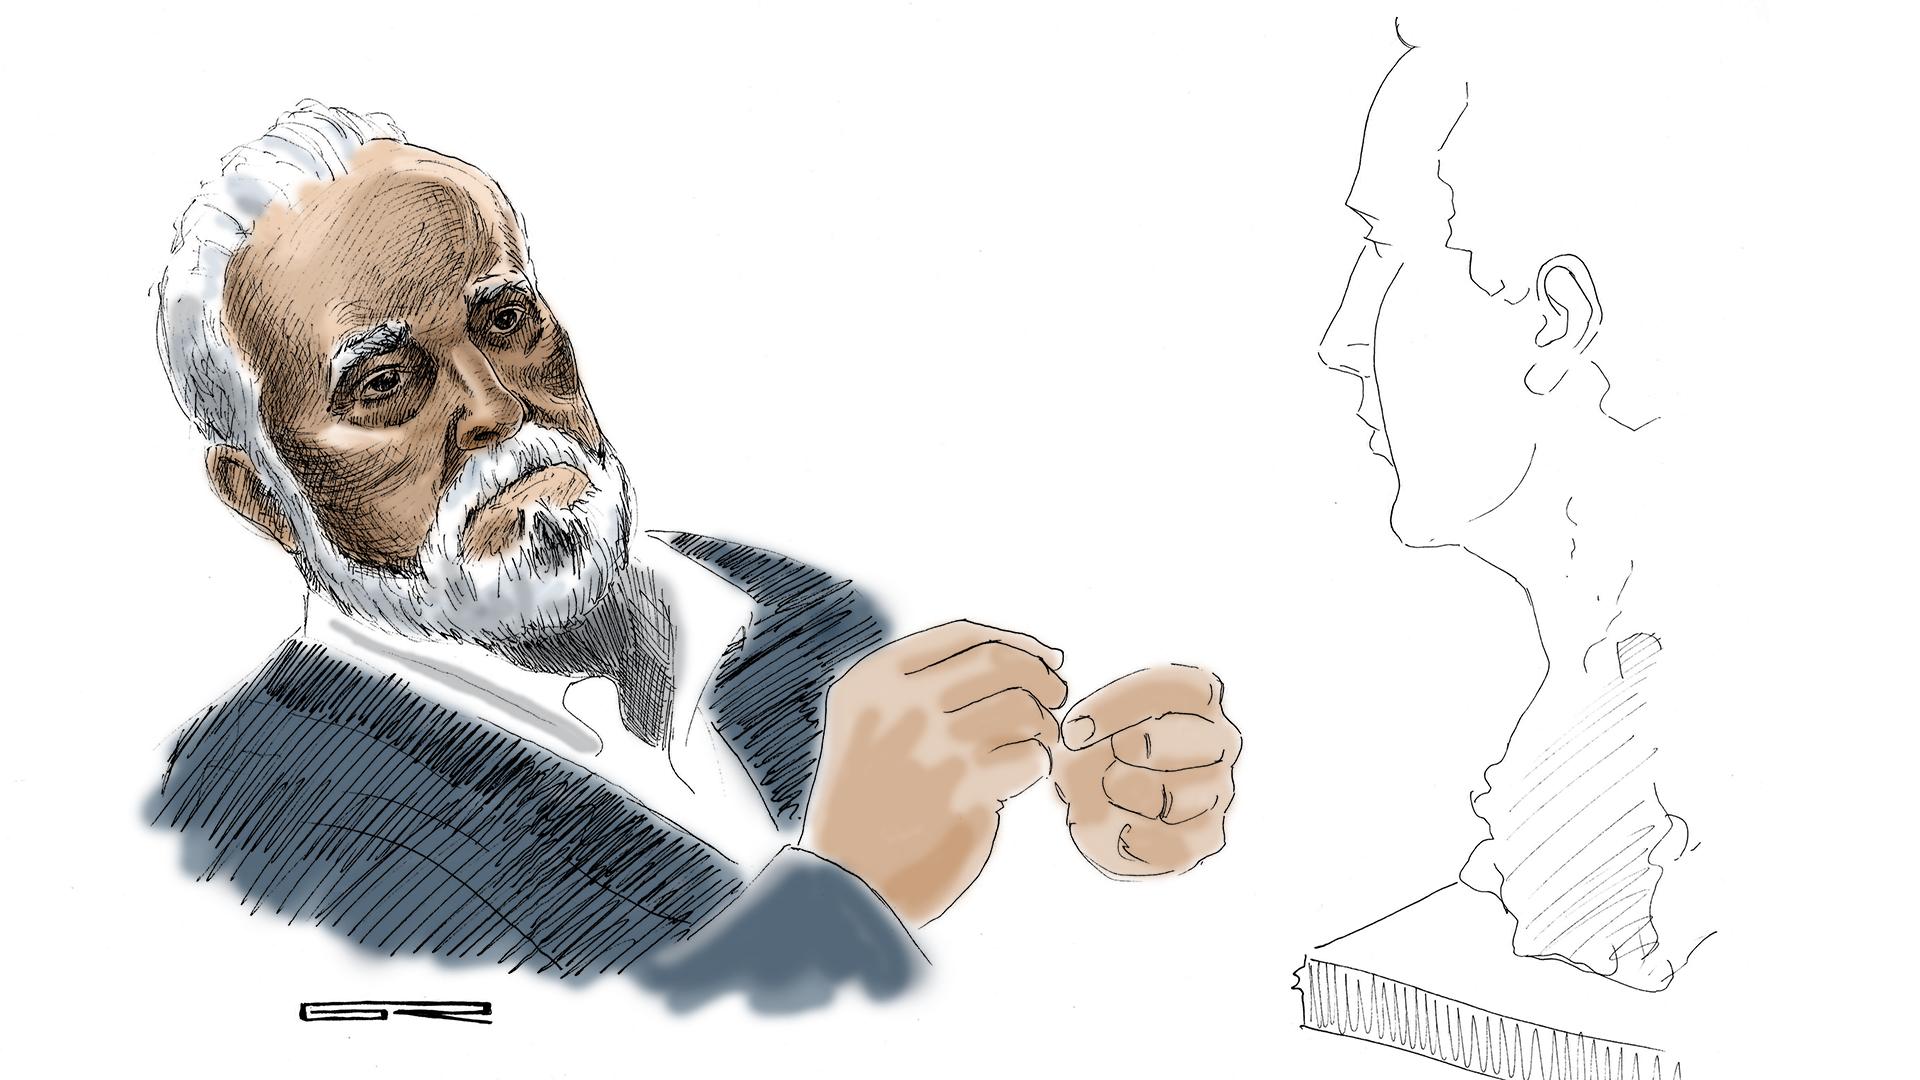 Jassans, La Antítesis De Rodin: El Escultor Renacentista Del S. XX